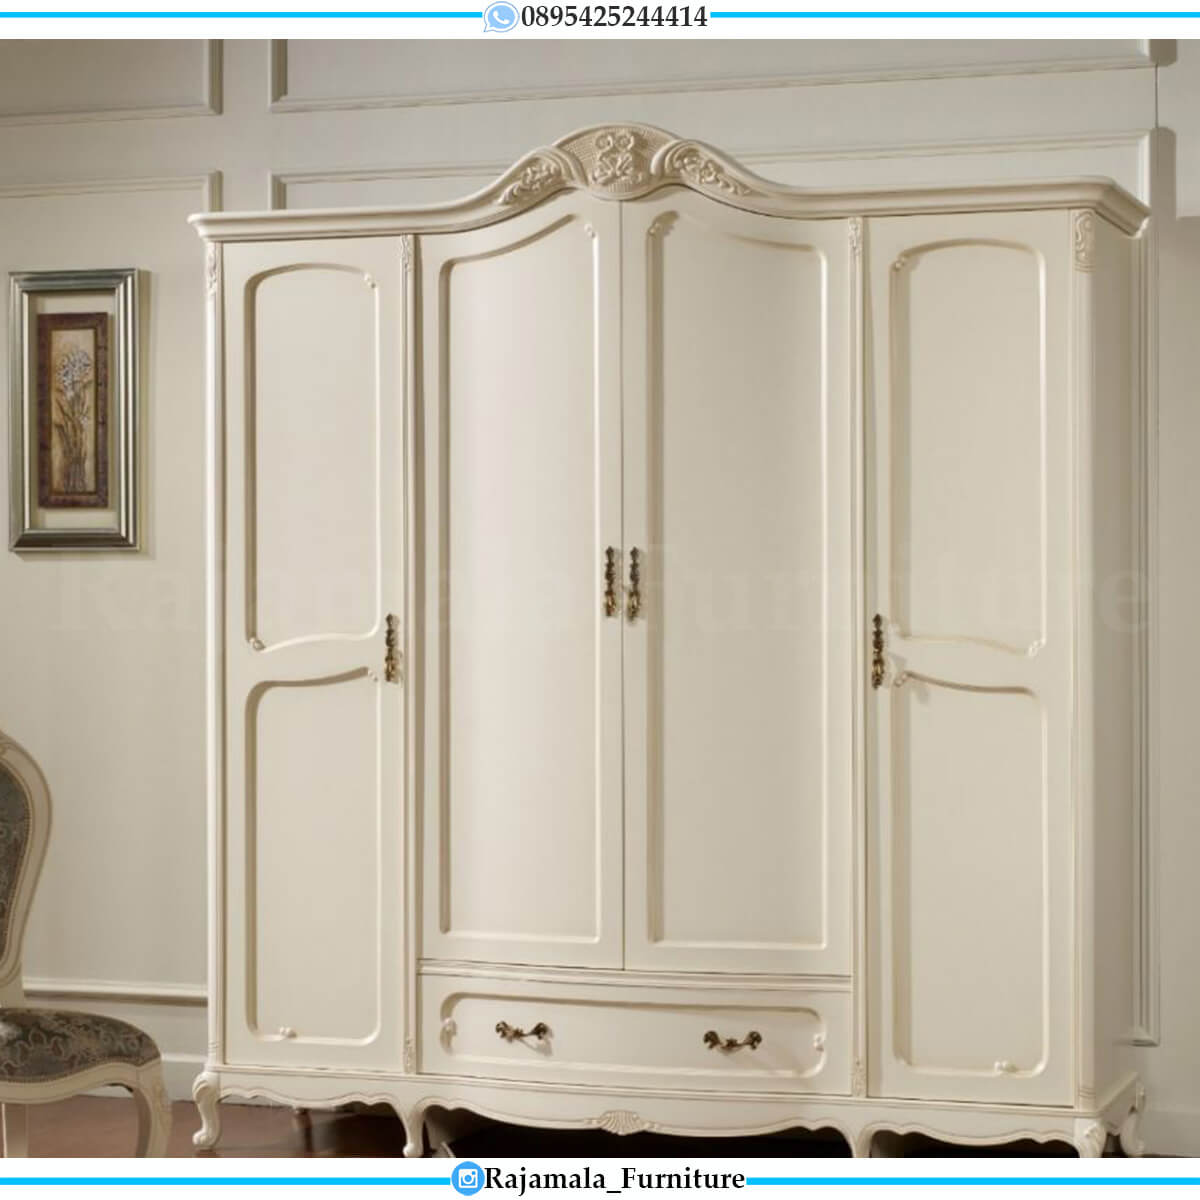 Jual Lemari Baju Mewah Putih Duco Luxury Classic Design Furniture Jepara RM-0557